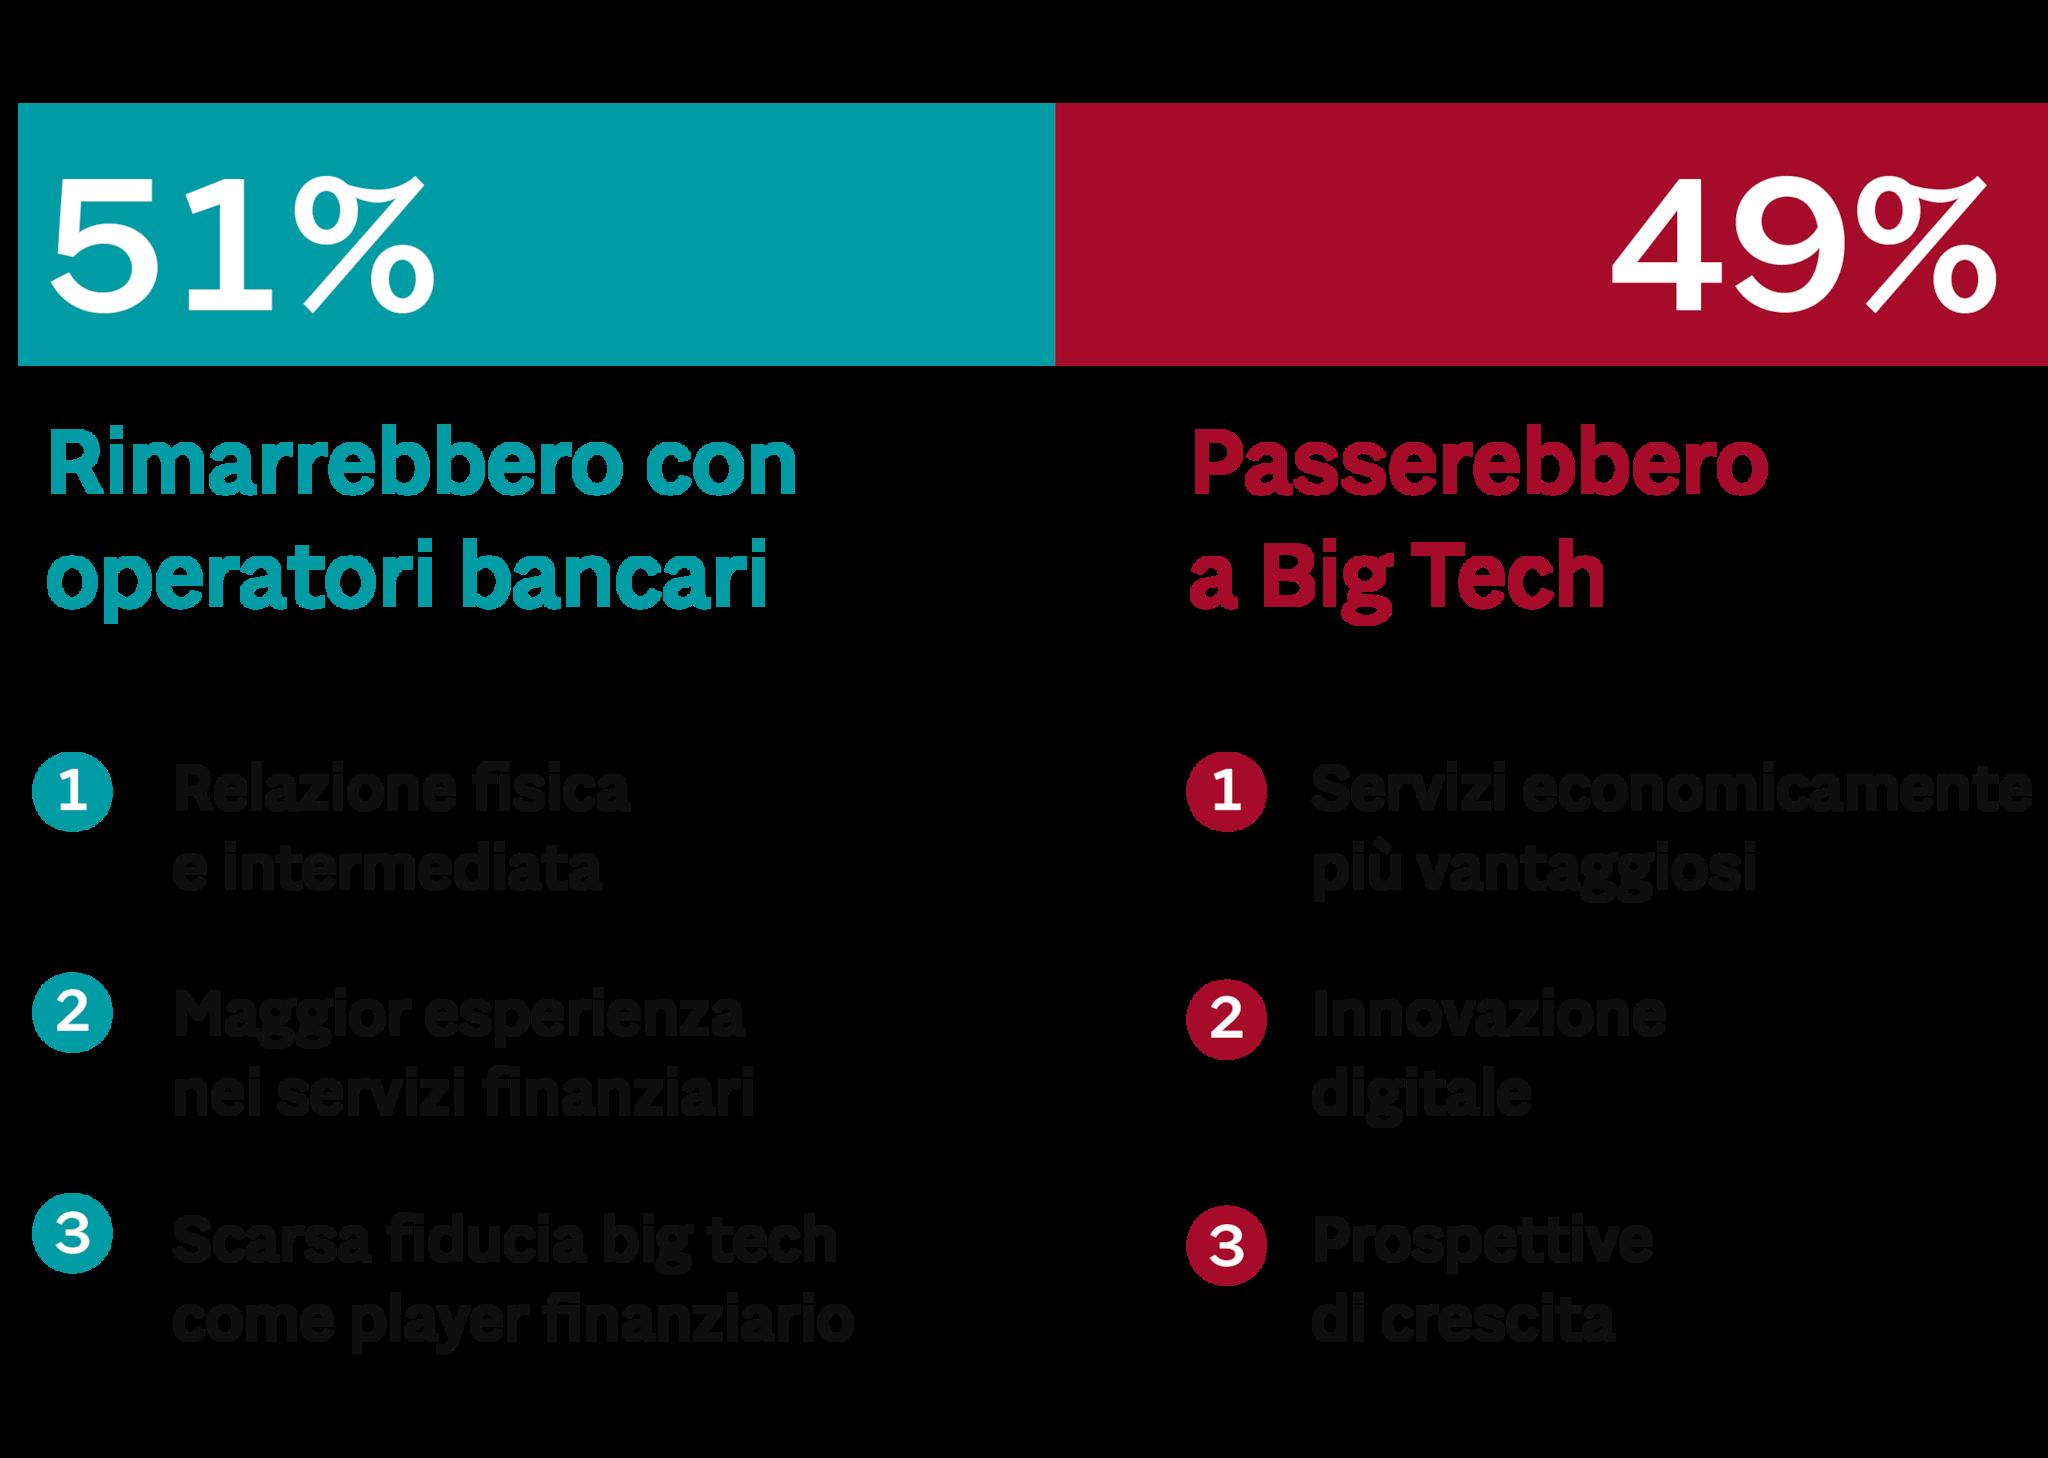 L'ATTEGGIAMENTO DEGLI ITALIANI ALL'INGRESSO DEL BIG TECH NEL MONDO DEI SERVIZI FINANZIARI